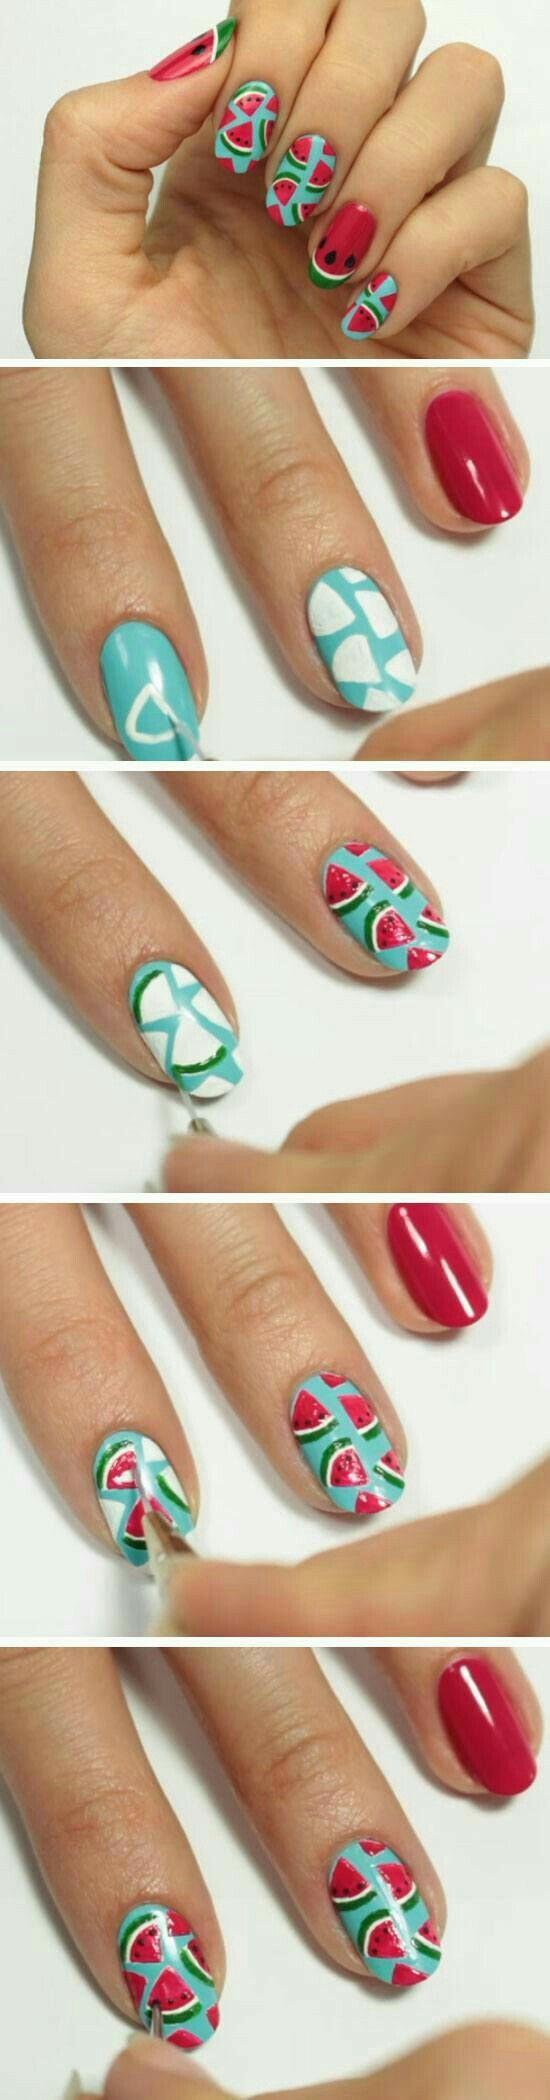 Muy bonitas  yo probé hacerlas en las uñas de una amiga y me quedaron súper lindas, ¡animensen ustedes también chicas!!